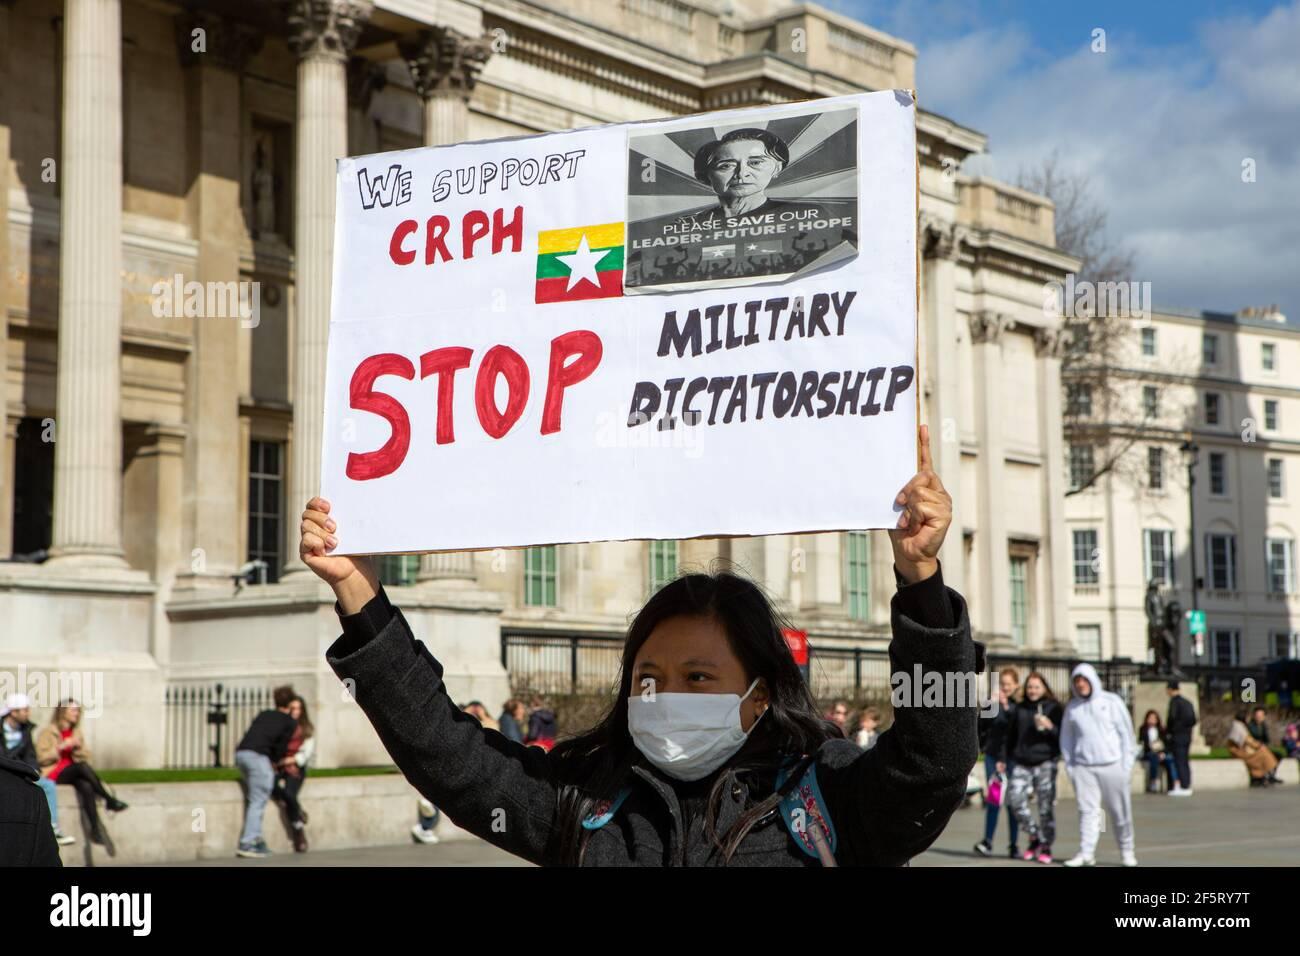 Eine Protesterin, die während einer friedlichen Demonstration ein Plakat mit ihrer Meinung hielt.Anti-Militärputsch-Demonstranten in Myanmar versammelten sich am Trafalgar Square, während Dutzende weitere im Land getötet werden. Polizei und Militärsoldaten aus Myanmar (Tatmadow) griffen Demonstranten am Samstag in Myanmar mit Gummigeschossen, lebender Munition, Tränengas und Betäubungsbomben als Reaktion auf antimilitärische Putschprotestierende an, töteten mehr als 90 Menschen und verletzten viele andere. Mindestens 300 Menschen sind seit dem Putsch vom 1. Februar in Myanmar getötet worden, sagte ein Menschenrechtsbeamter der Vereinten Nationen. Das Militär von Myanmar hat den Staatsrat festgenommen Stockfoto